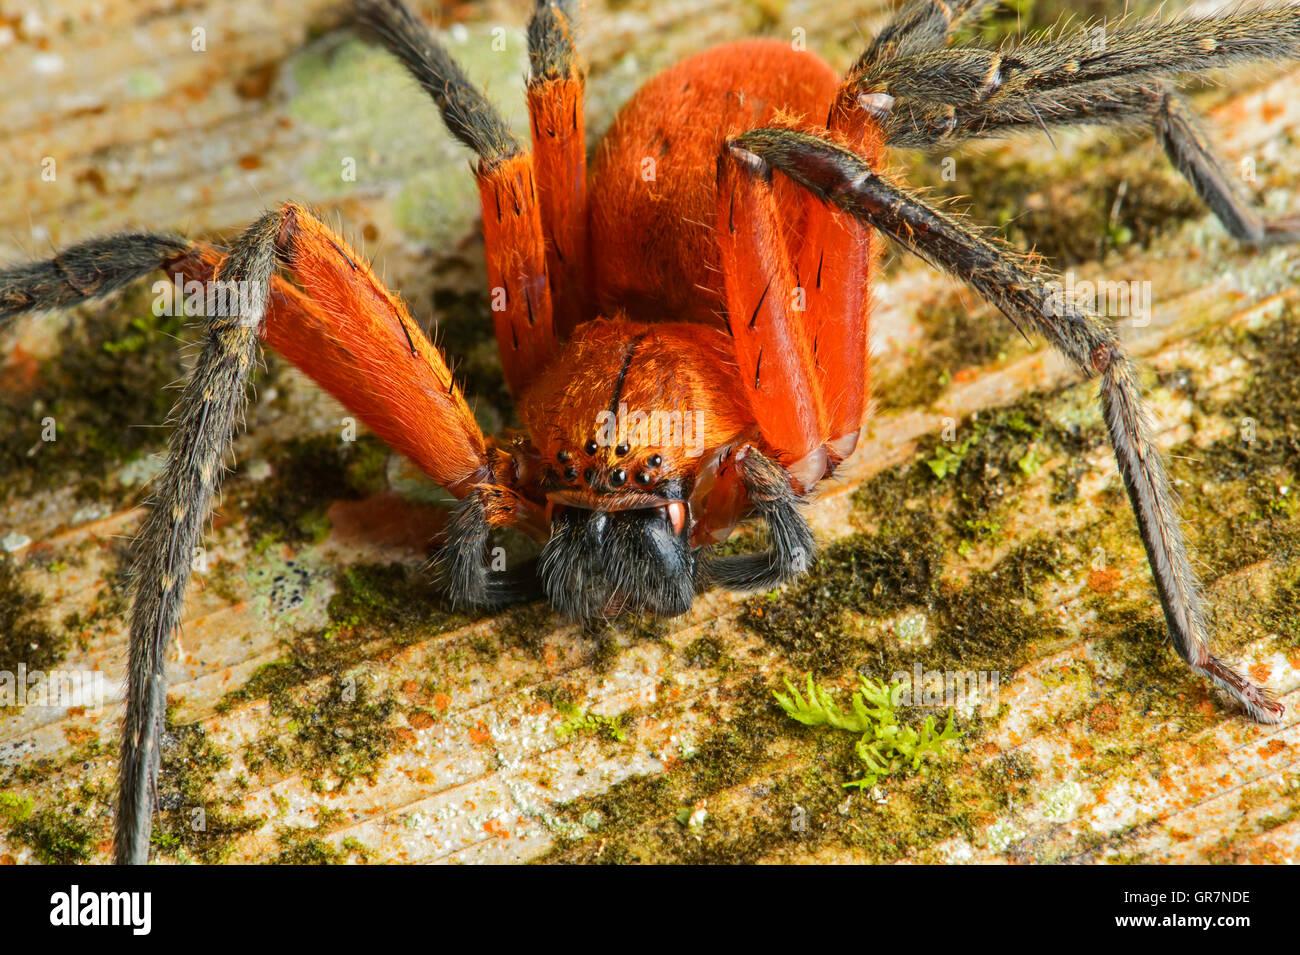 Arachnids Habitat